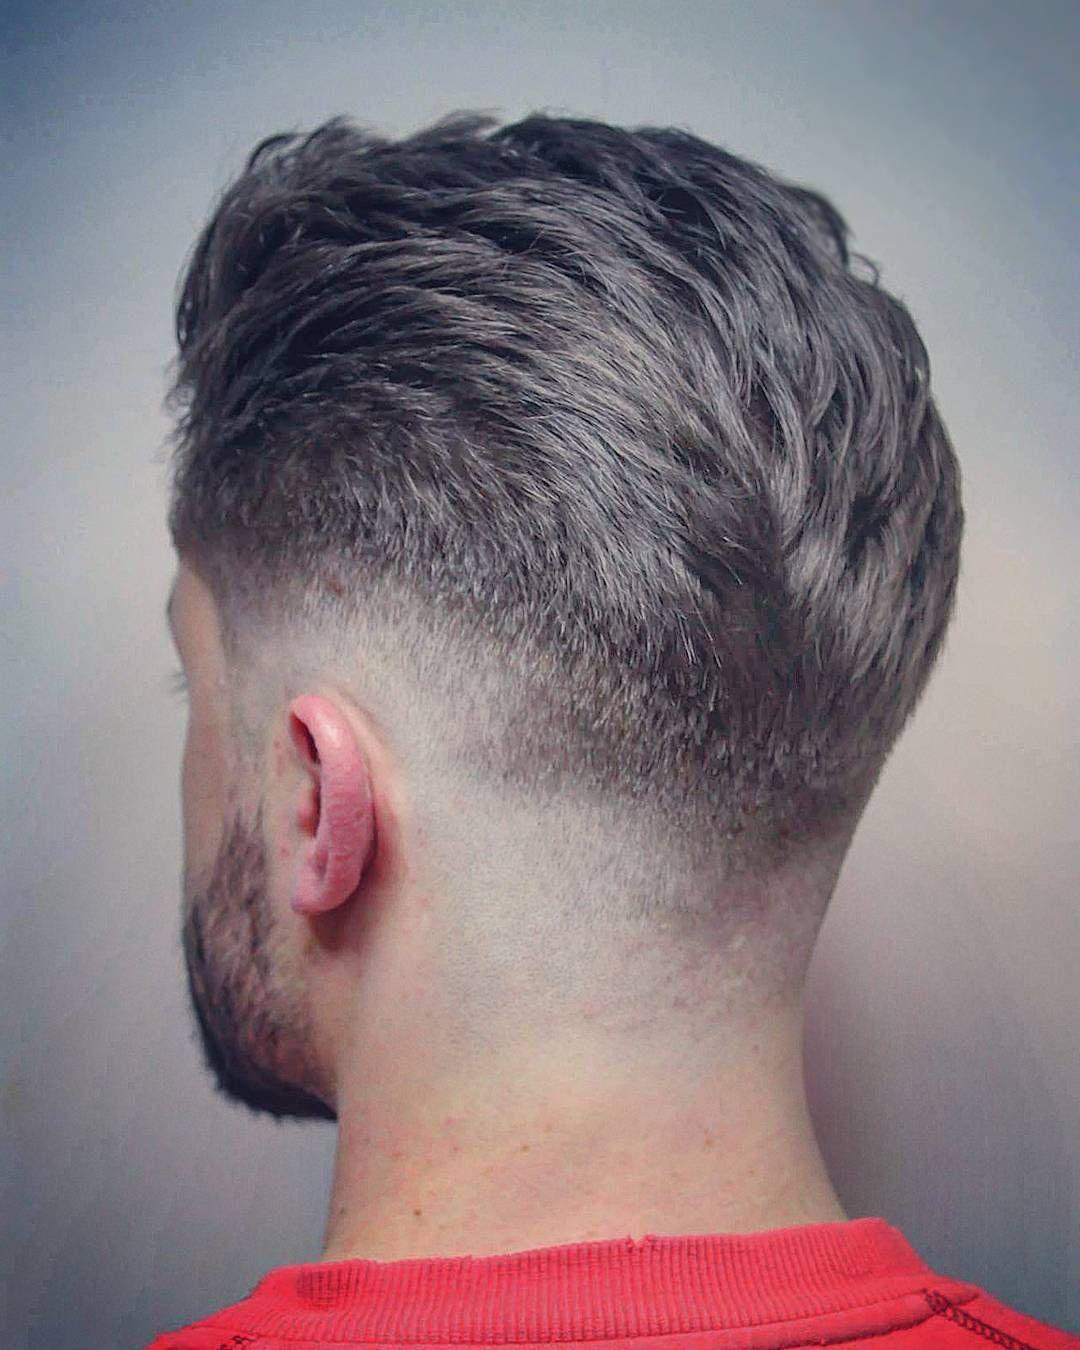 Boy haircuts taper menus haircut ideas  guys hair cuts  pinterest  taper fade hair